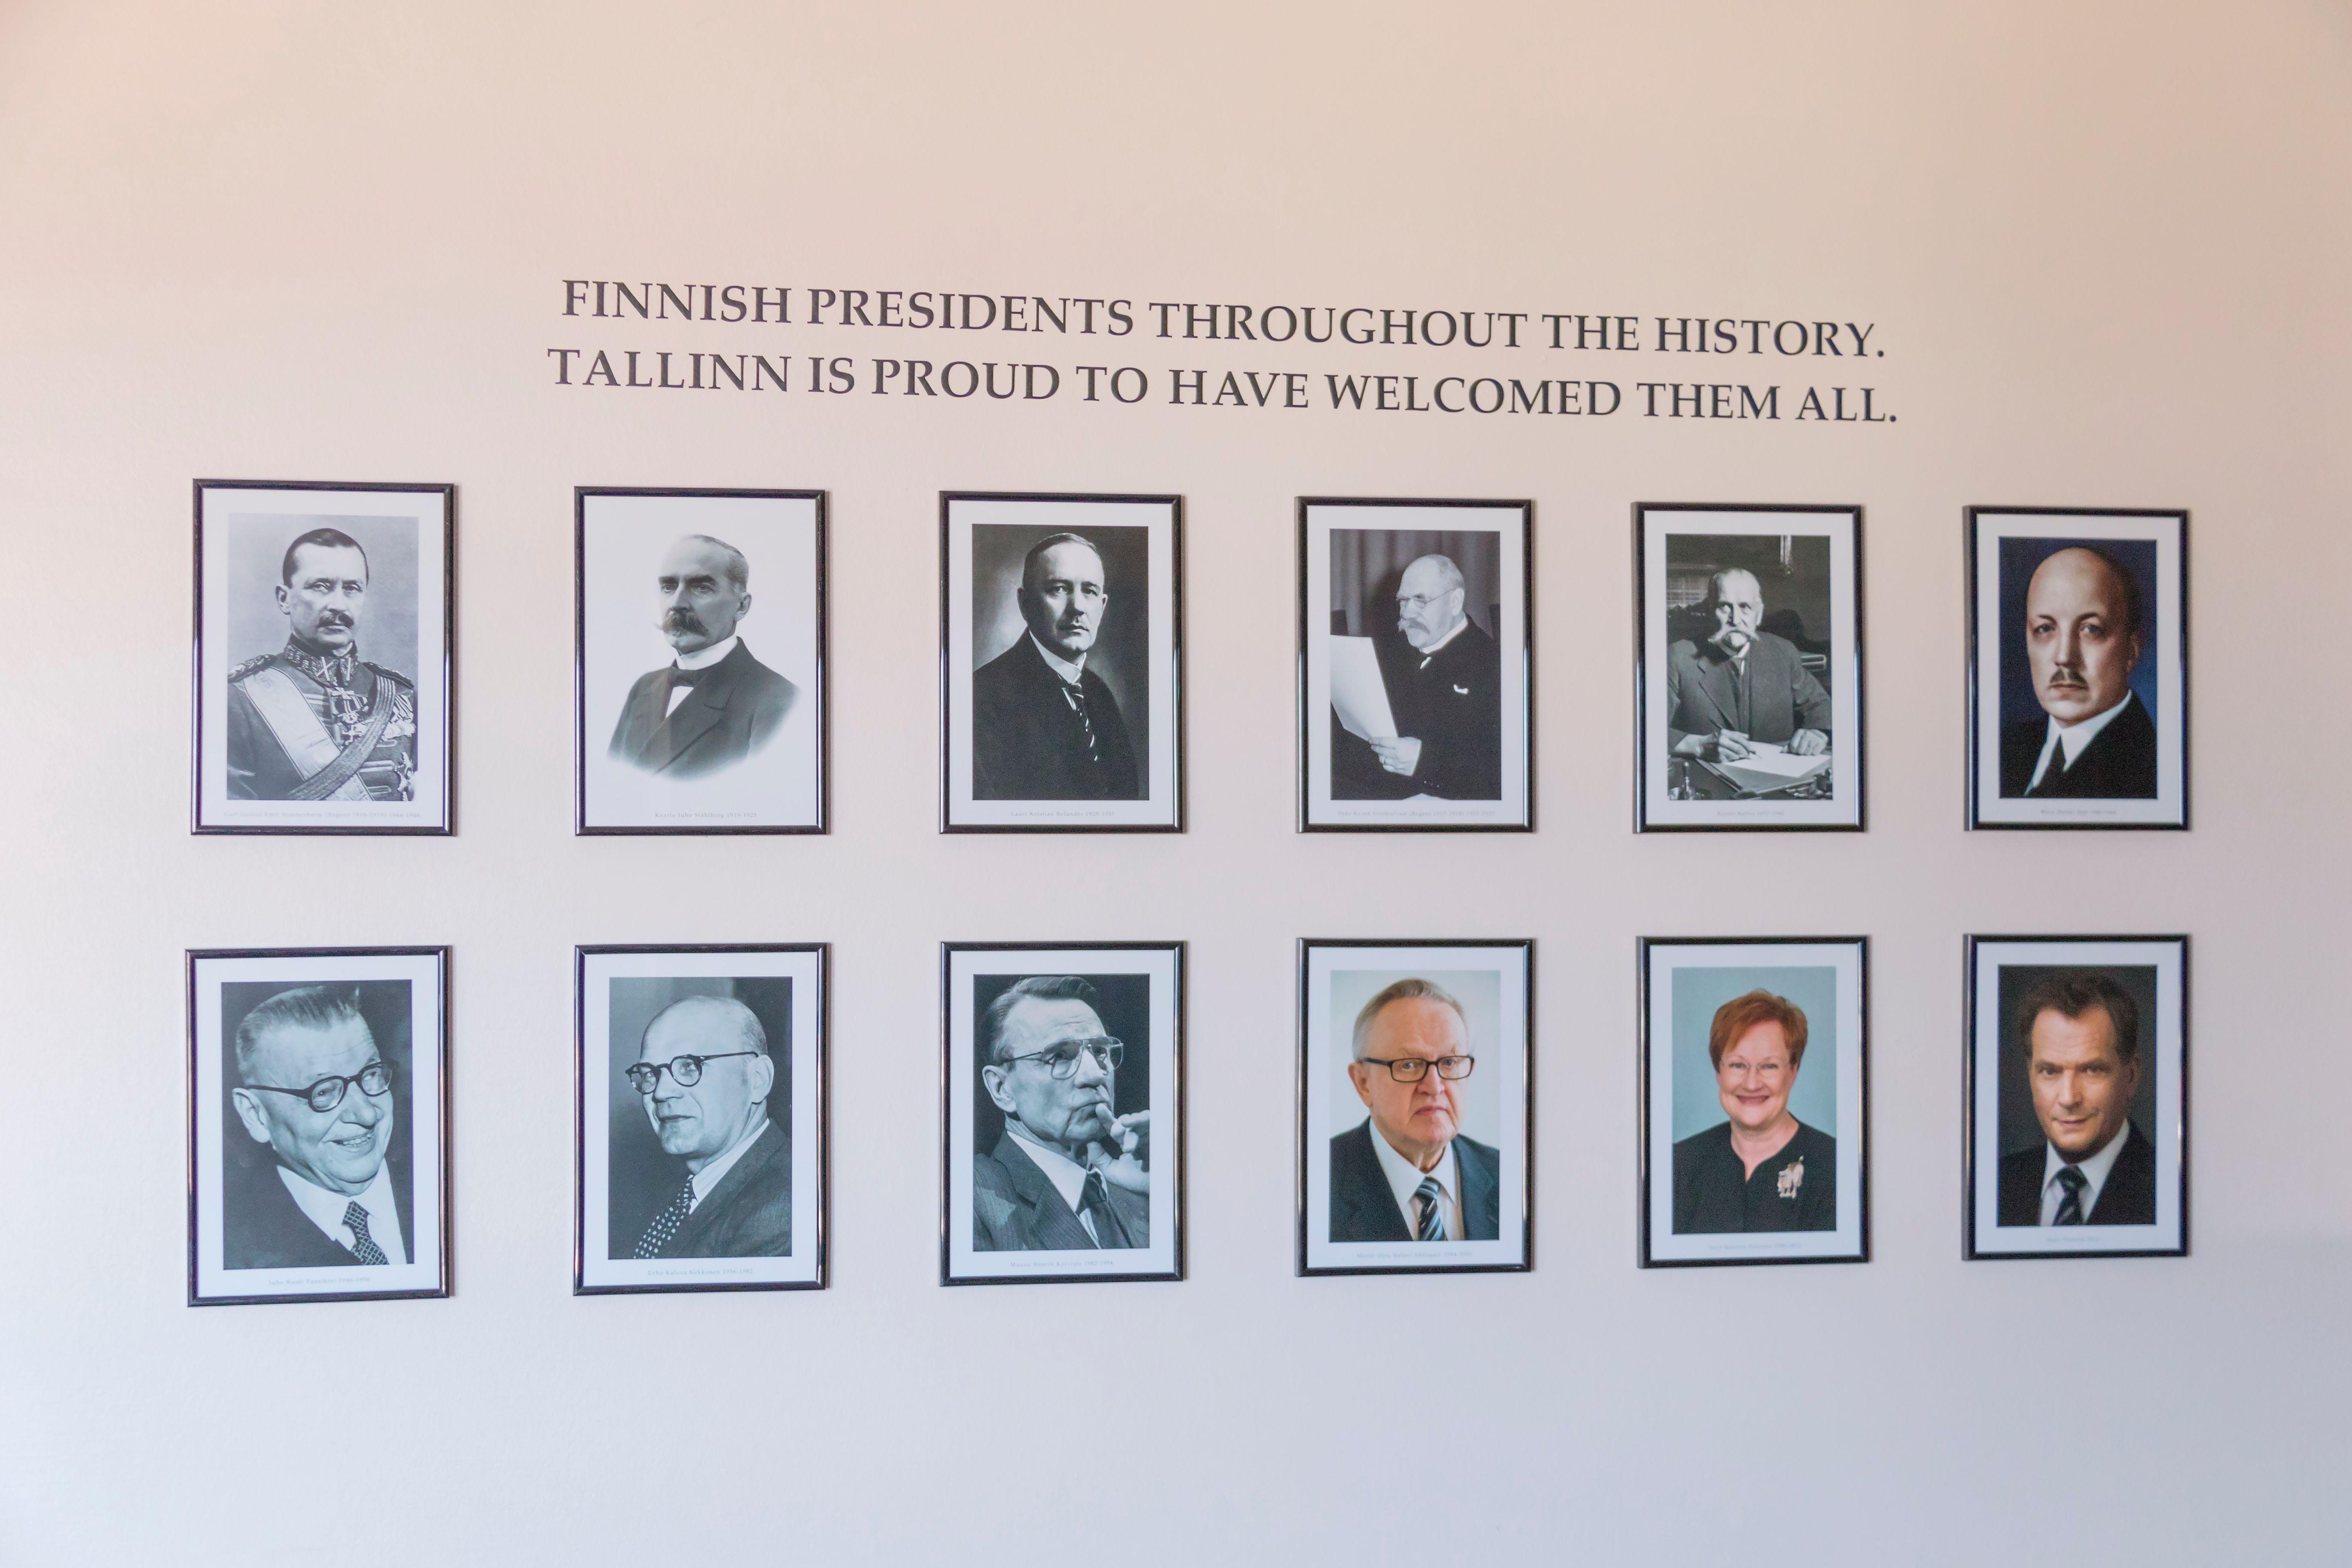 Huone 1806: Suomen suurlähetystö. Huone 1806 on sisustettu Suomen Tallinnan suurlähetystön huonekaluilla ja esineillä. Suurlähetystössä suomalaiset ovat käyneet ratkomassa kiperiä tilanteita. Huoneen seinää koristavat Tallinnassa virallisesti vierailleiden presidenttien valokuvat. Huone symboloi Suomen ja Viron poliittisia siteitä ja siellä voi tuntea itsensä hetken suurlähettilääksi. #originalsokoshotelviru #eckeröline